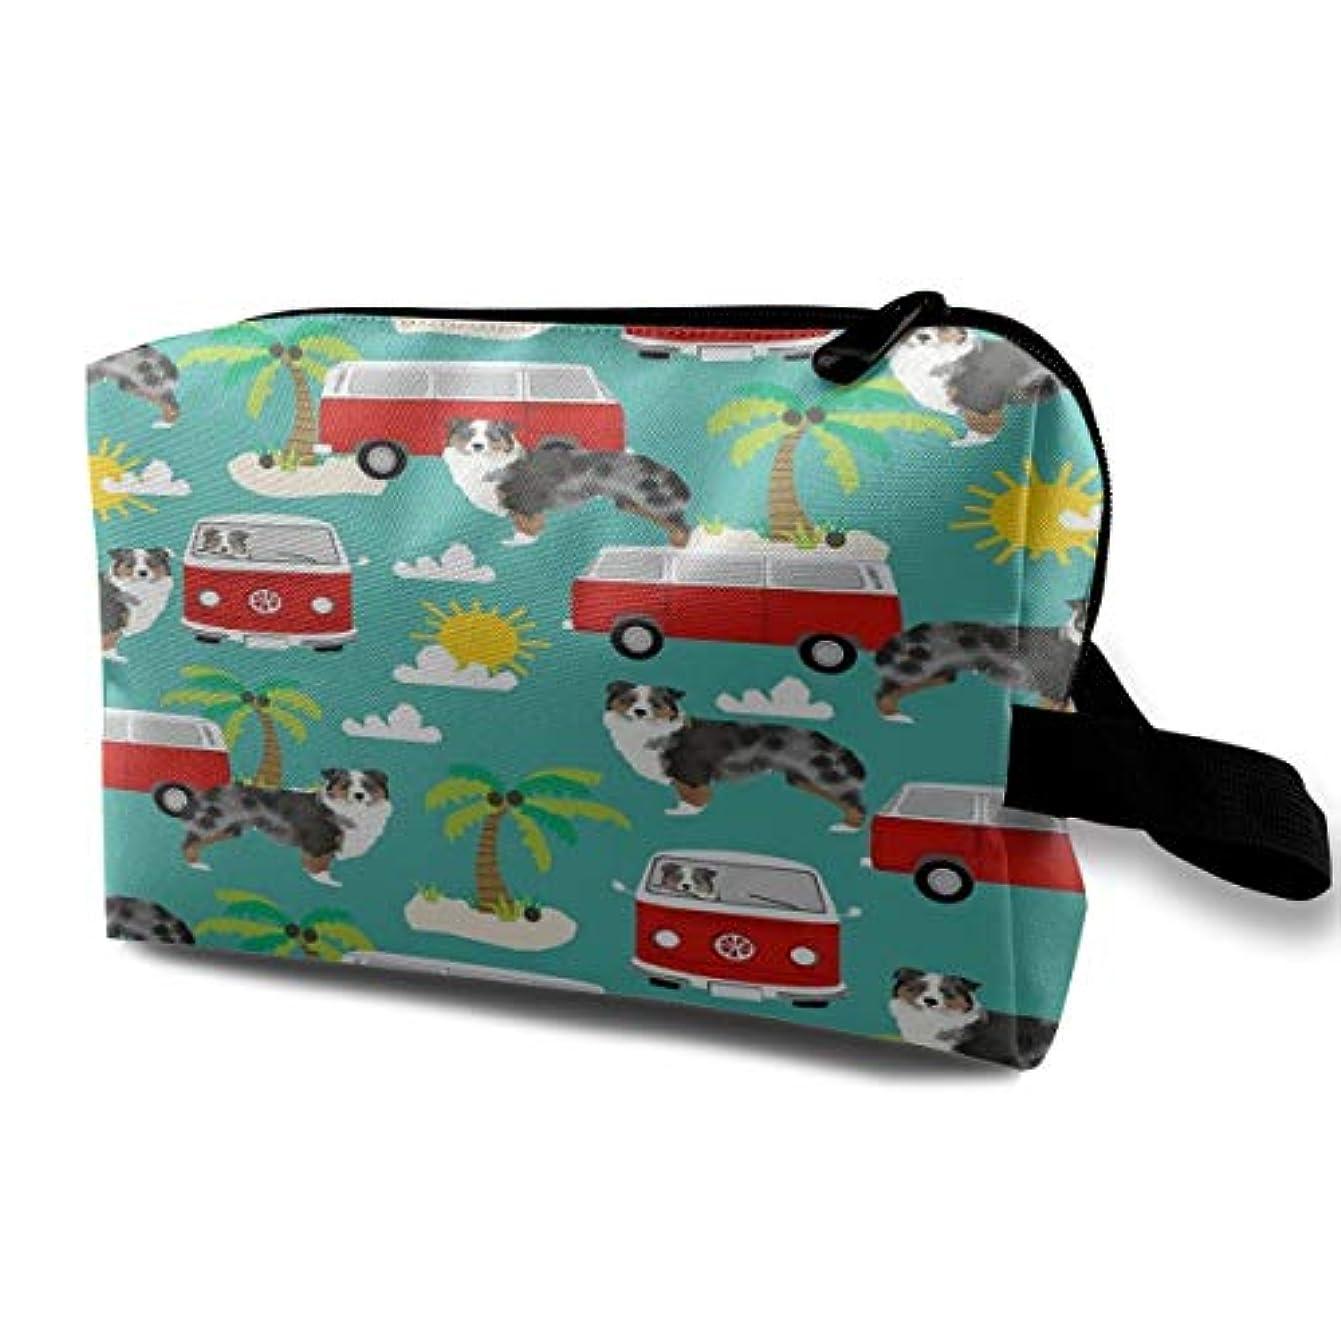 どこか私人気Australian Shepherd Beach Mini Bus 収納ポーチ 化粧ポーチ 大容量 軽量 耐久性 ハンドル付持ち運び便利。入れ 自宅?出張?旅行?アウトドア撮影などに対応。メンズ レディース トラベルグッズ